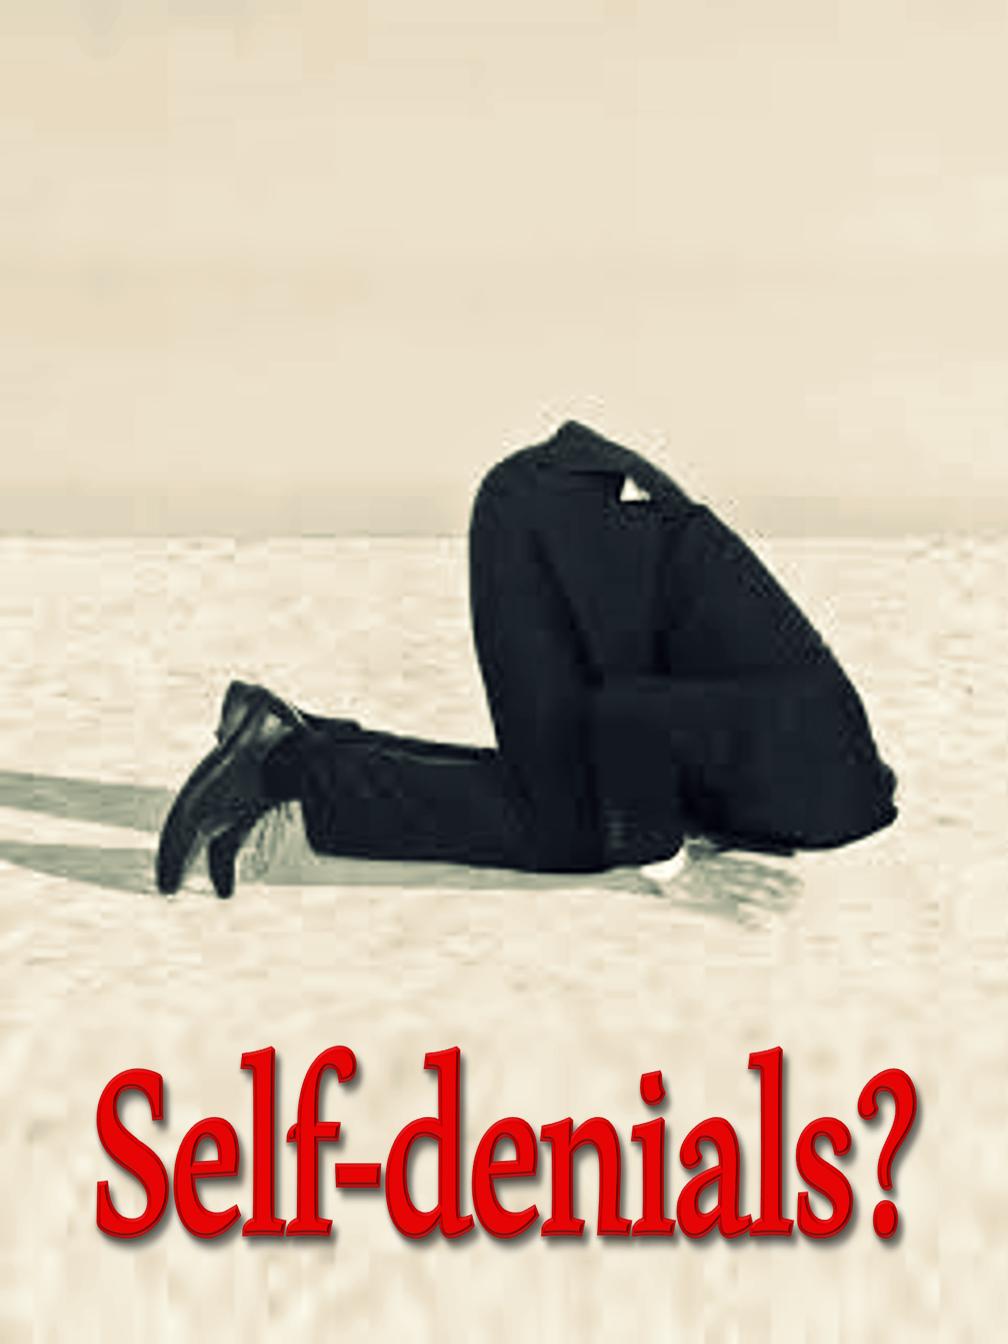 Self-denials